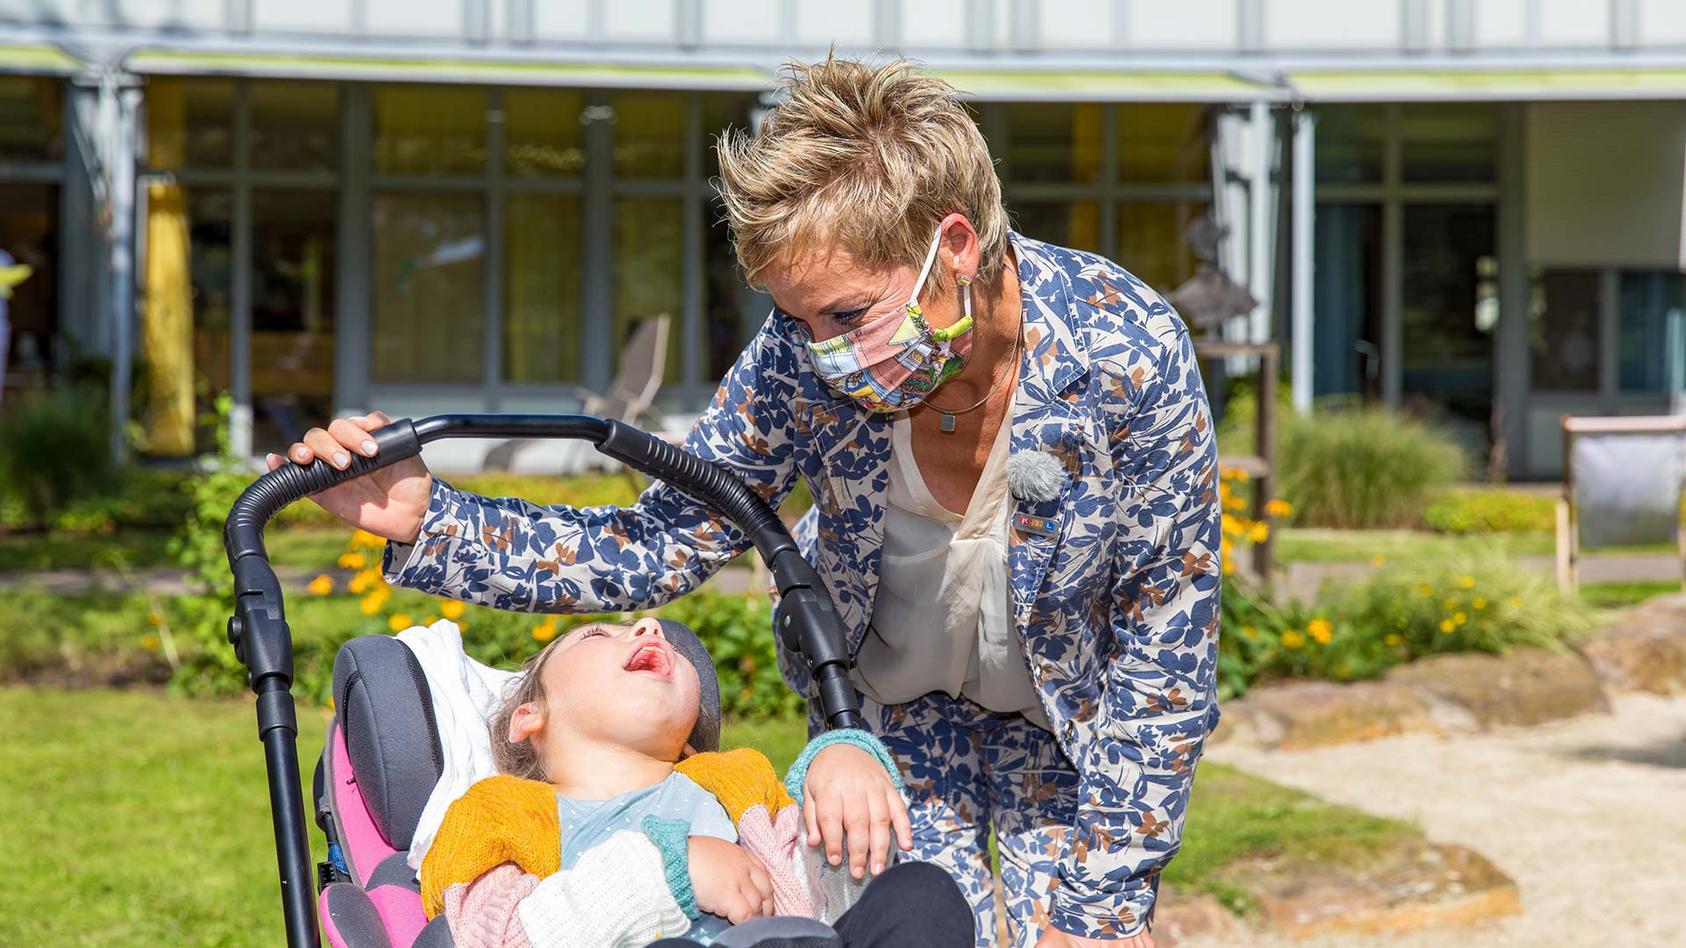 spenden-fur-klinikausbau-inka-bause-auf-kinderpalliativstation